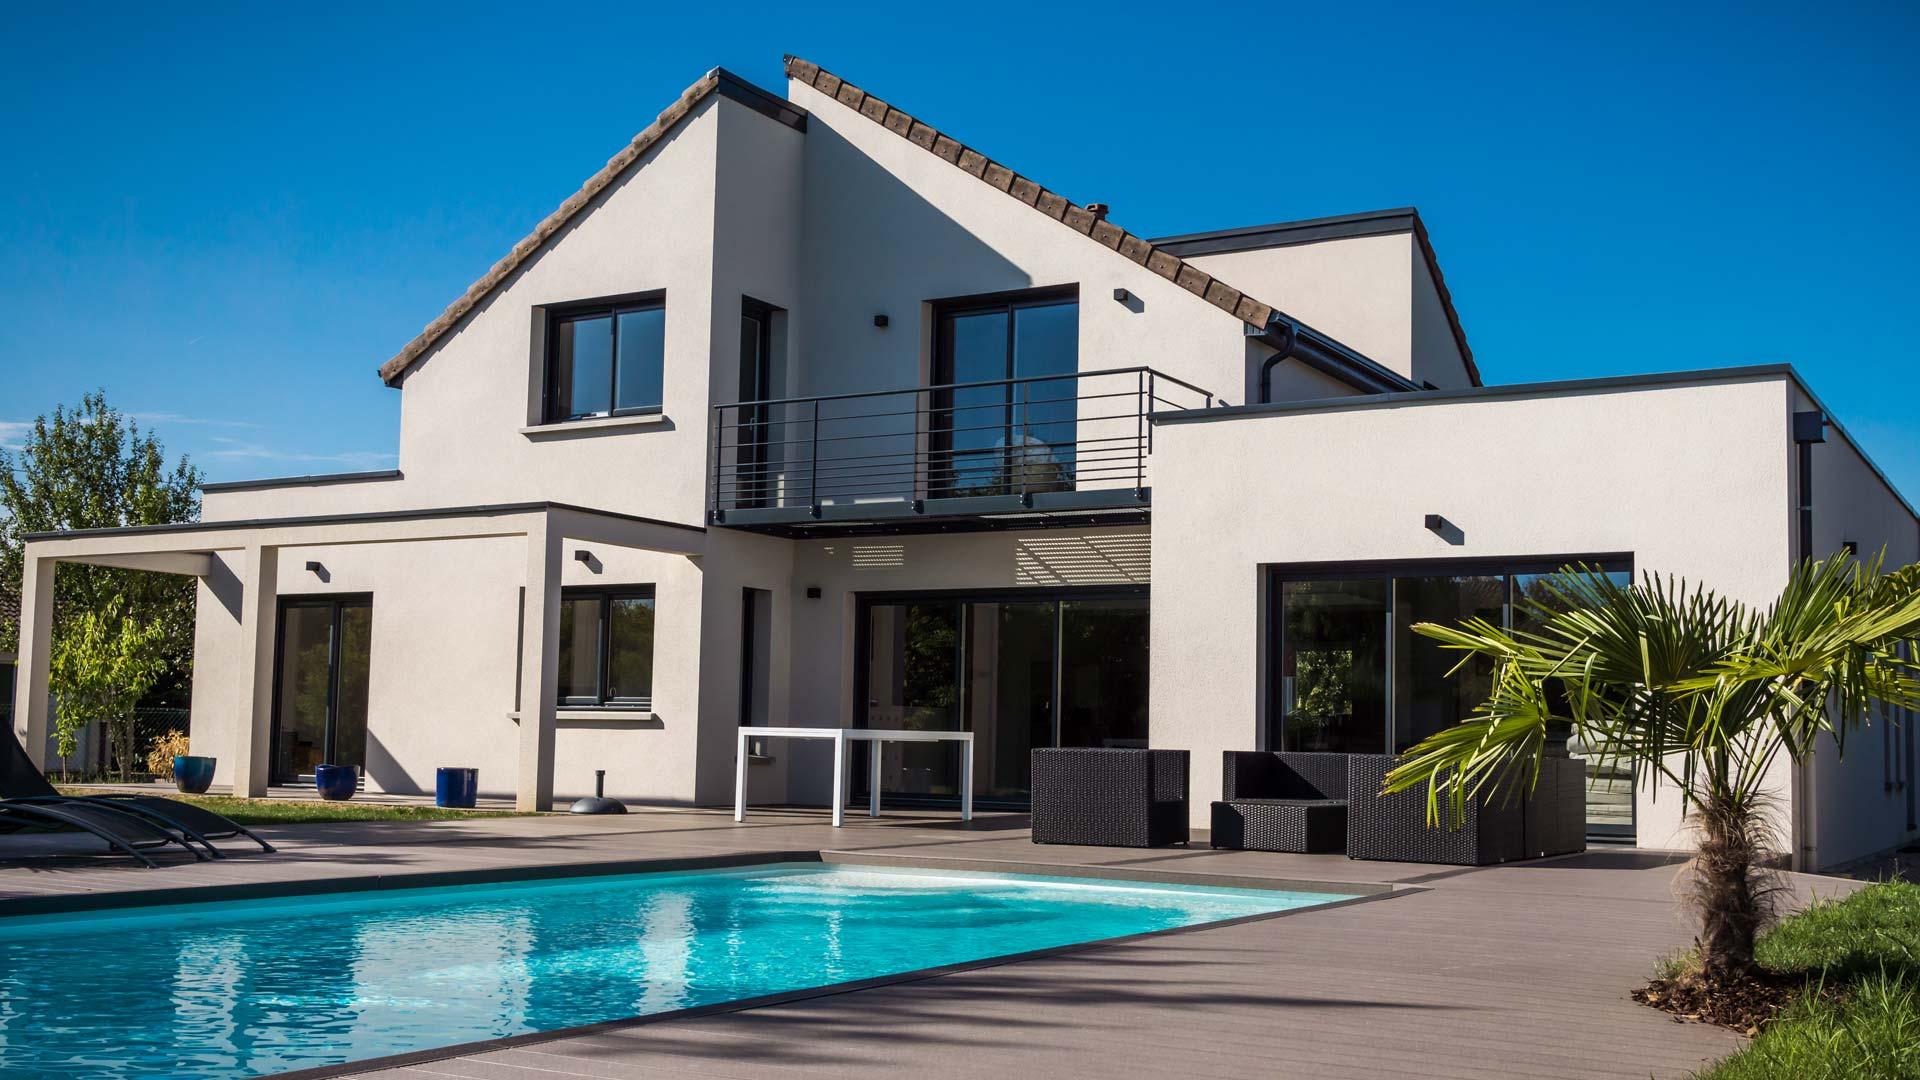 Kazanou - Votre agence immobilière à Saint Pierre à La Réunion